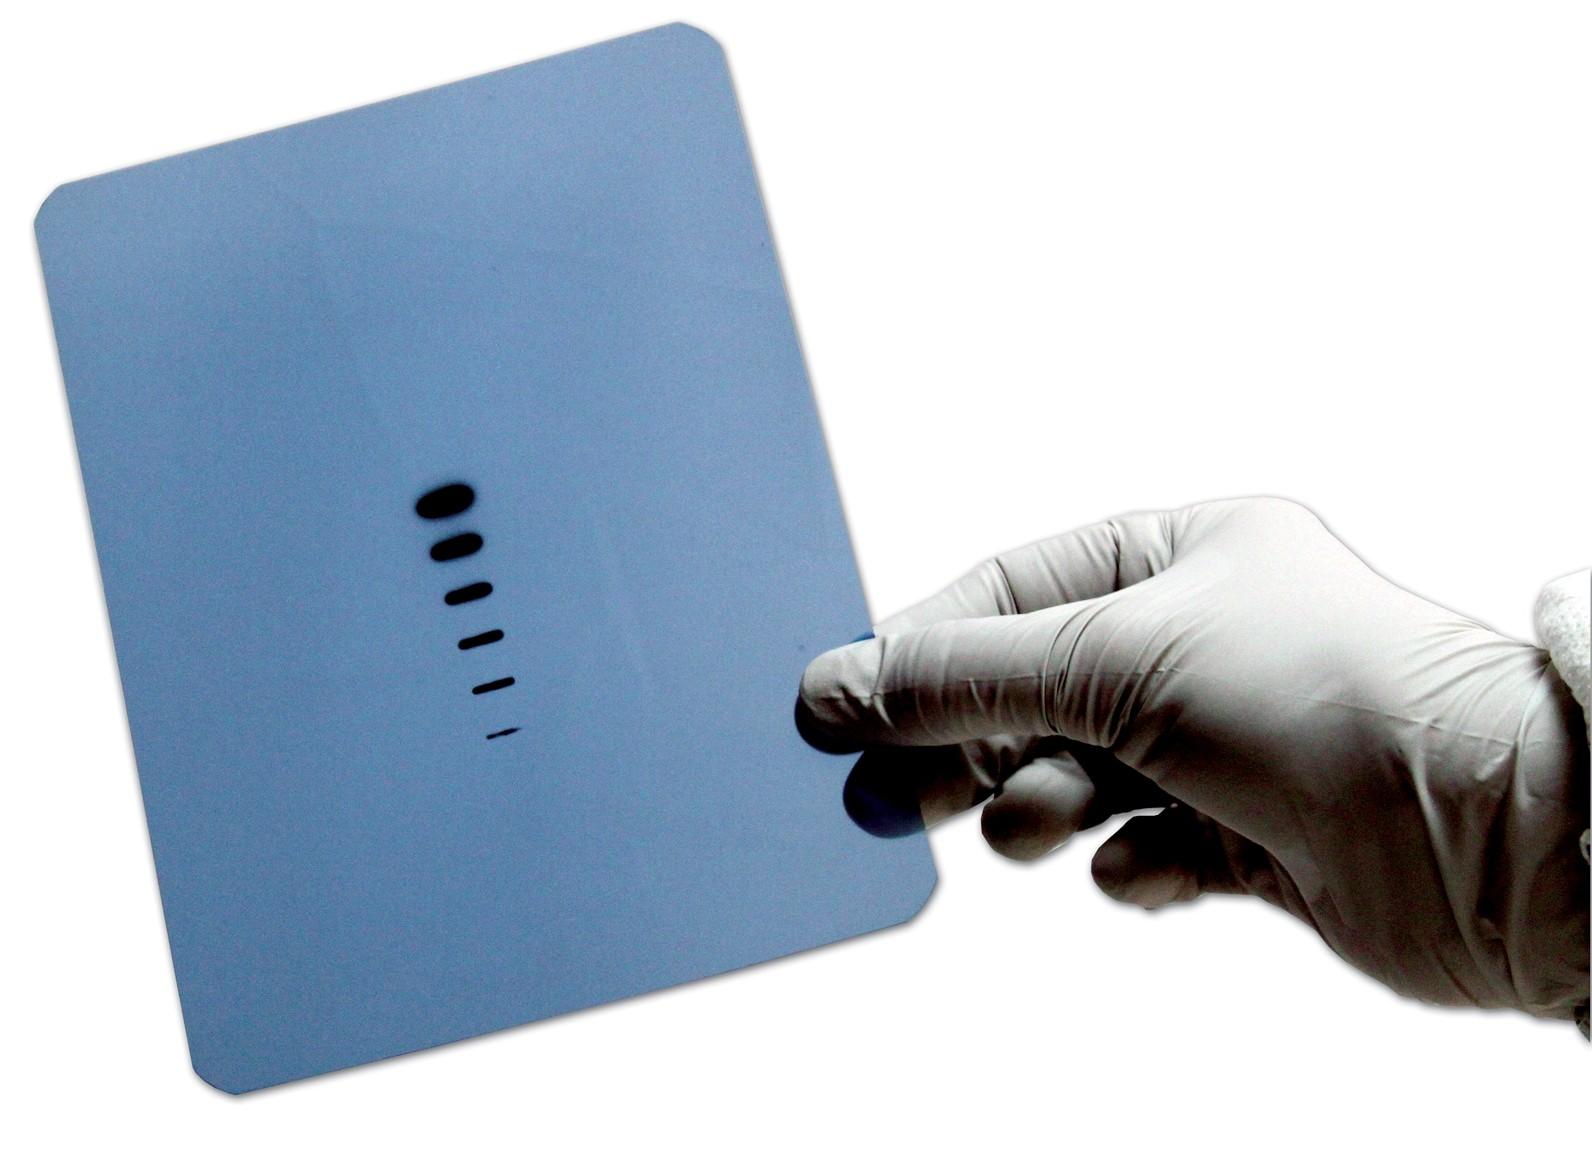 LucentBlue X-ray film